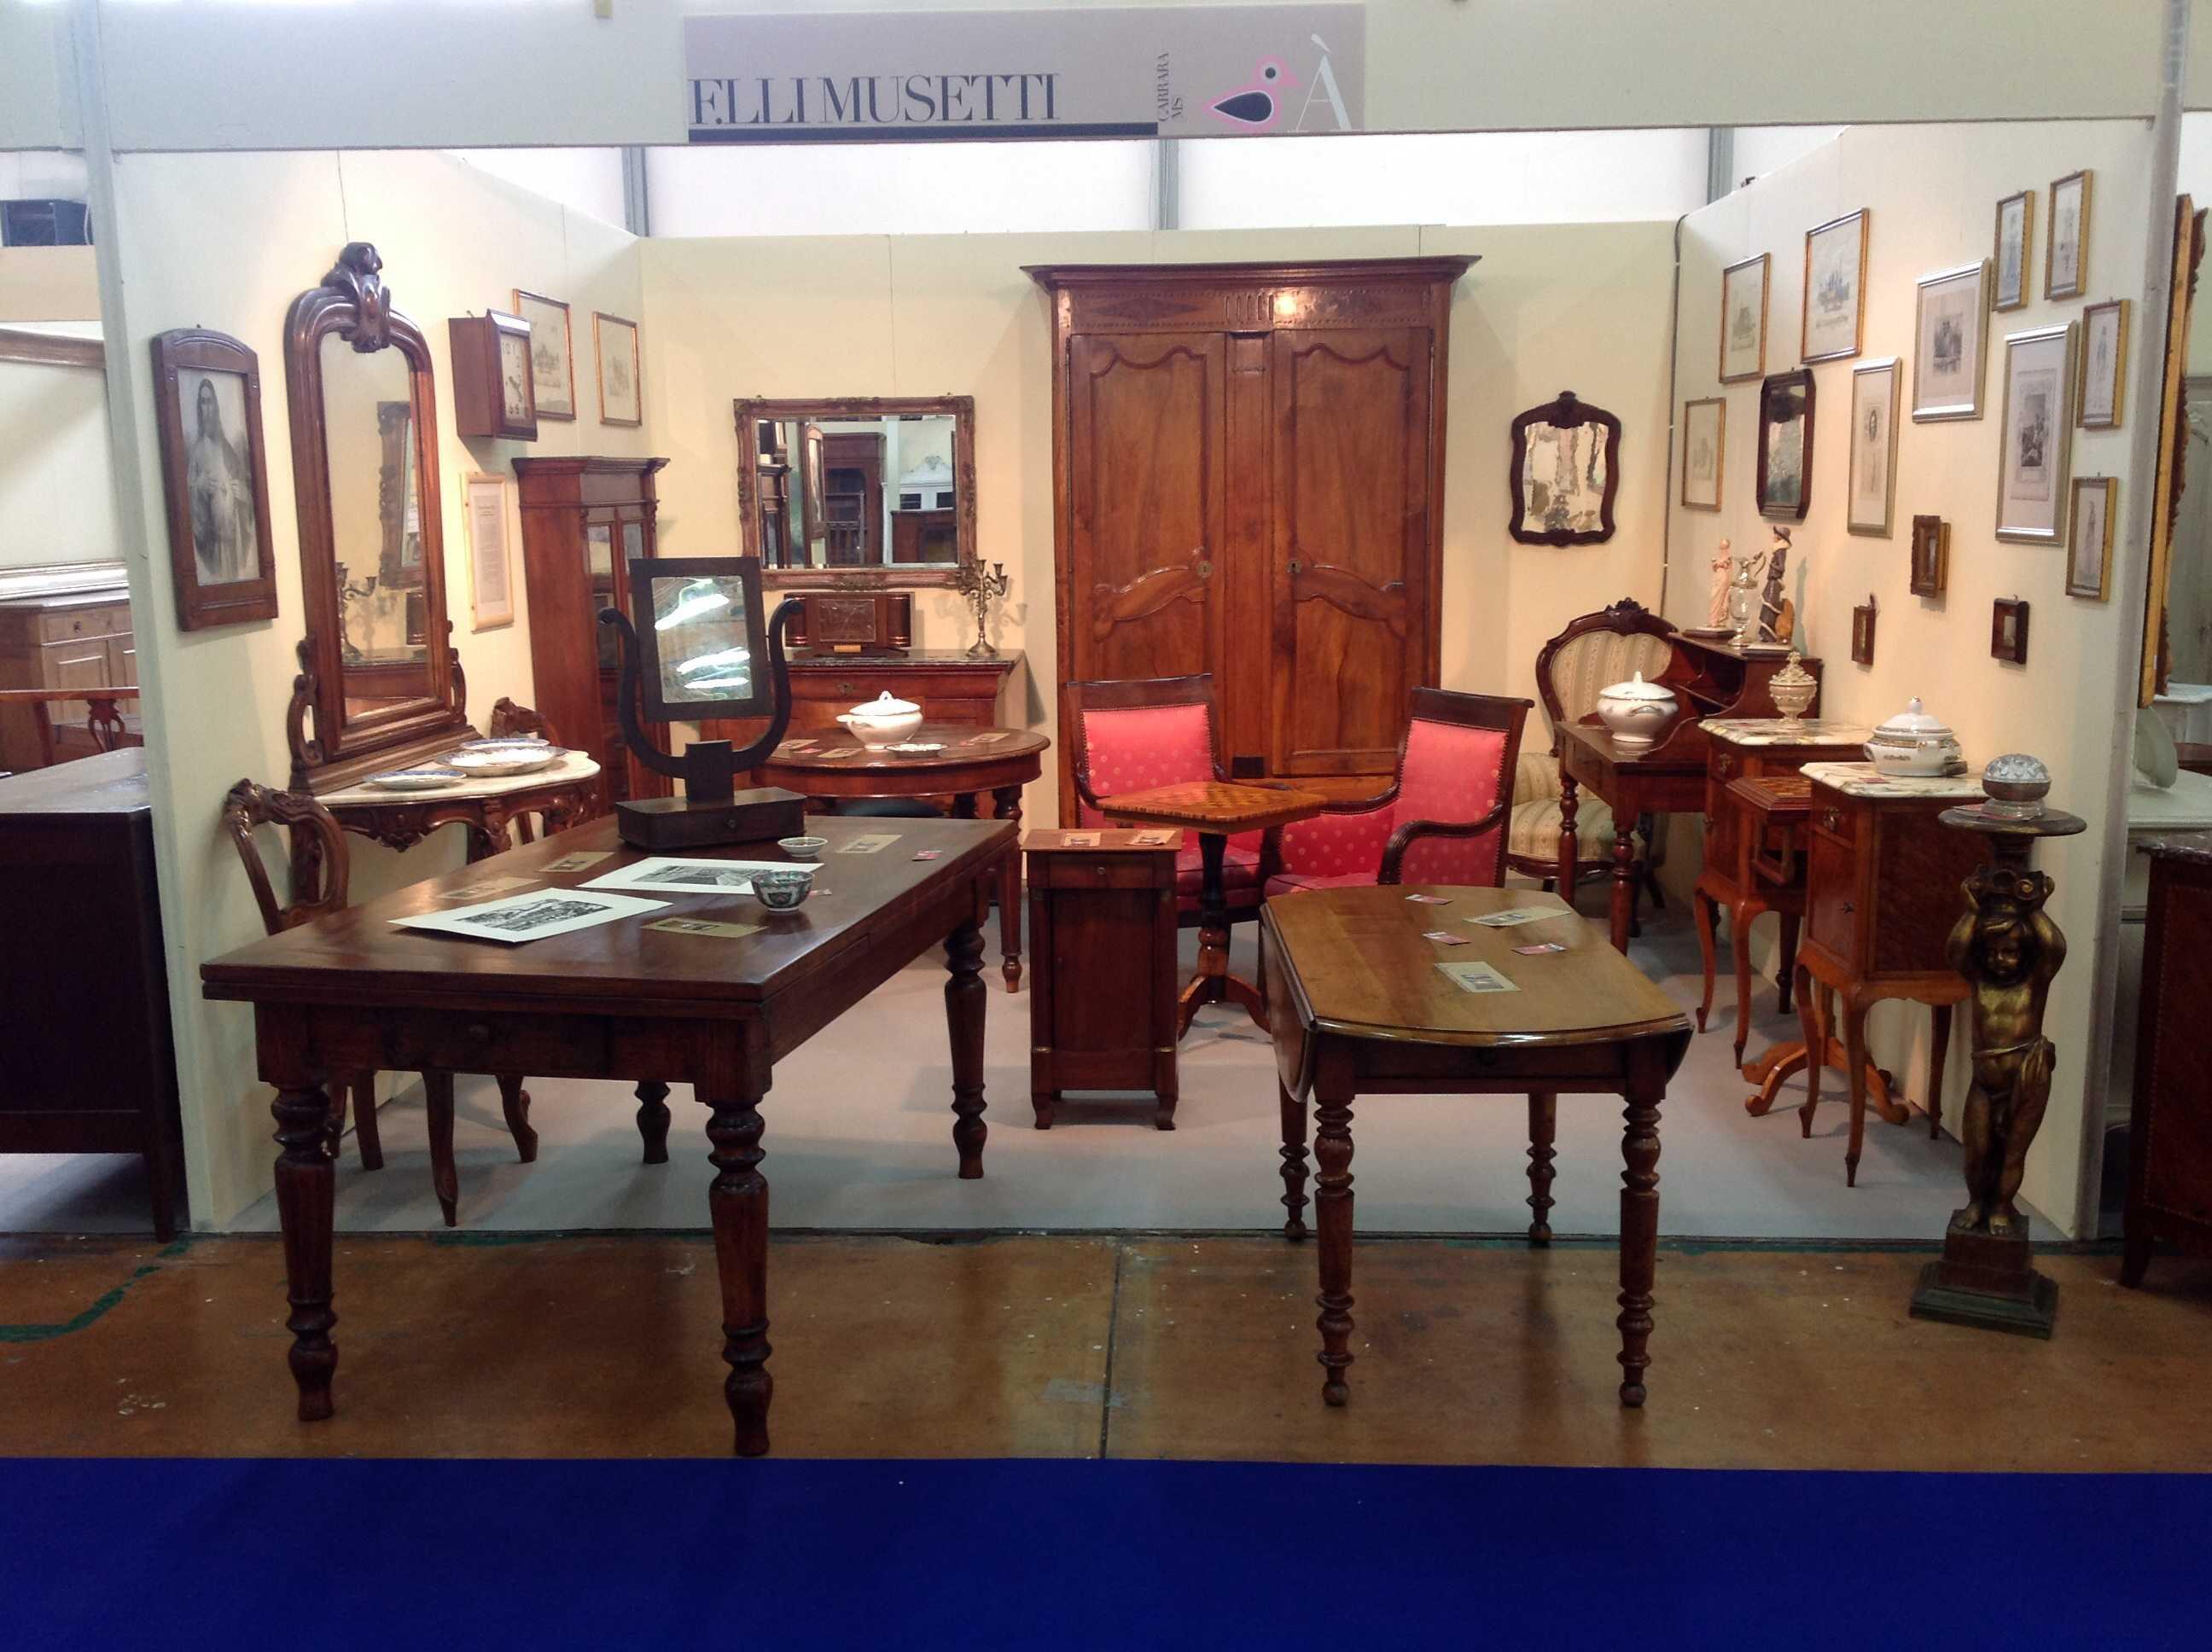 Musetti mobili antichi vendita e restauro mobili antichi for Mobili vendita